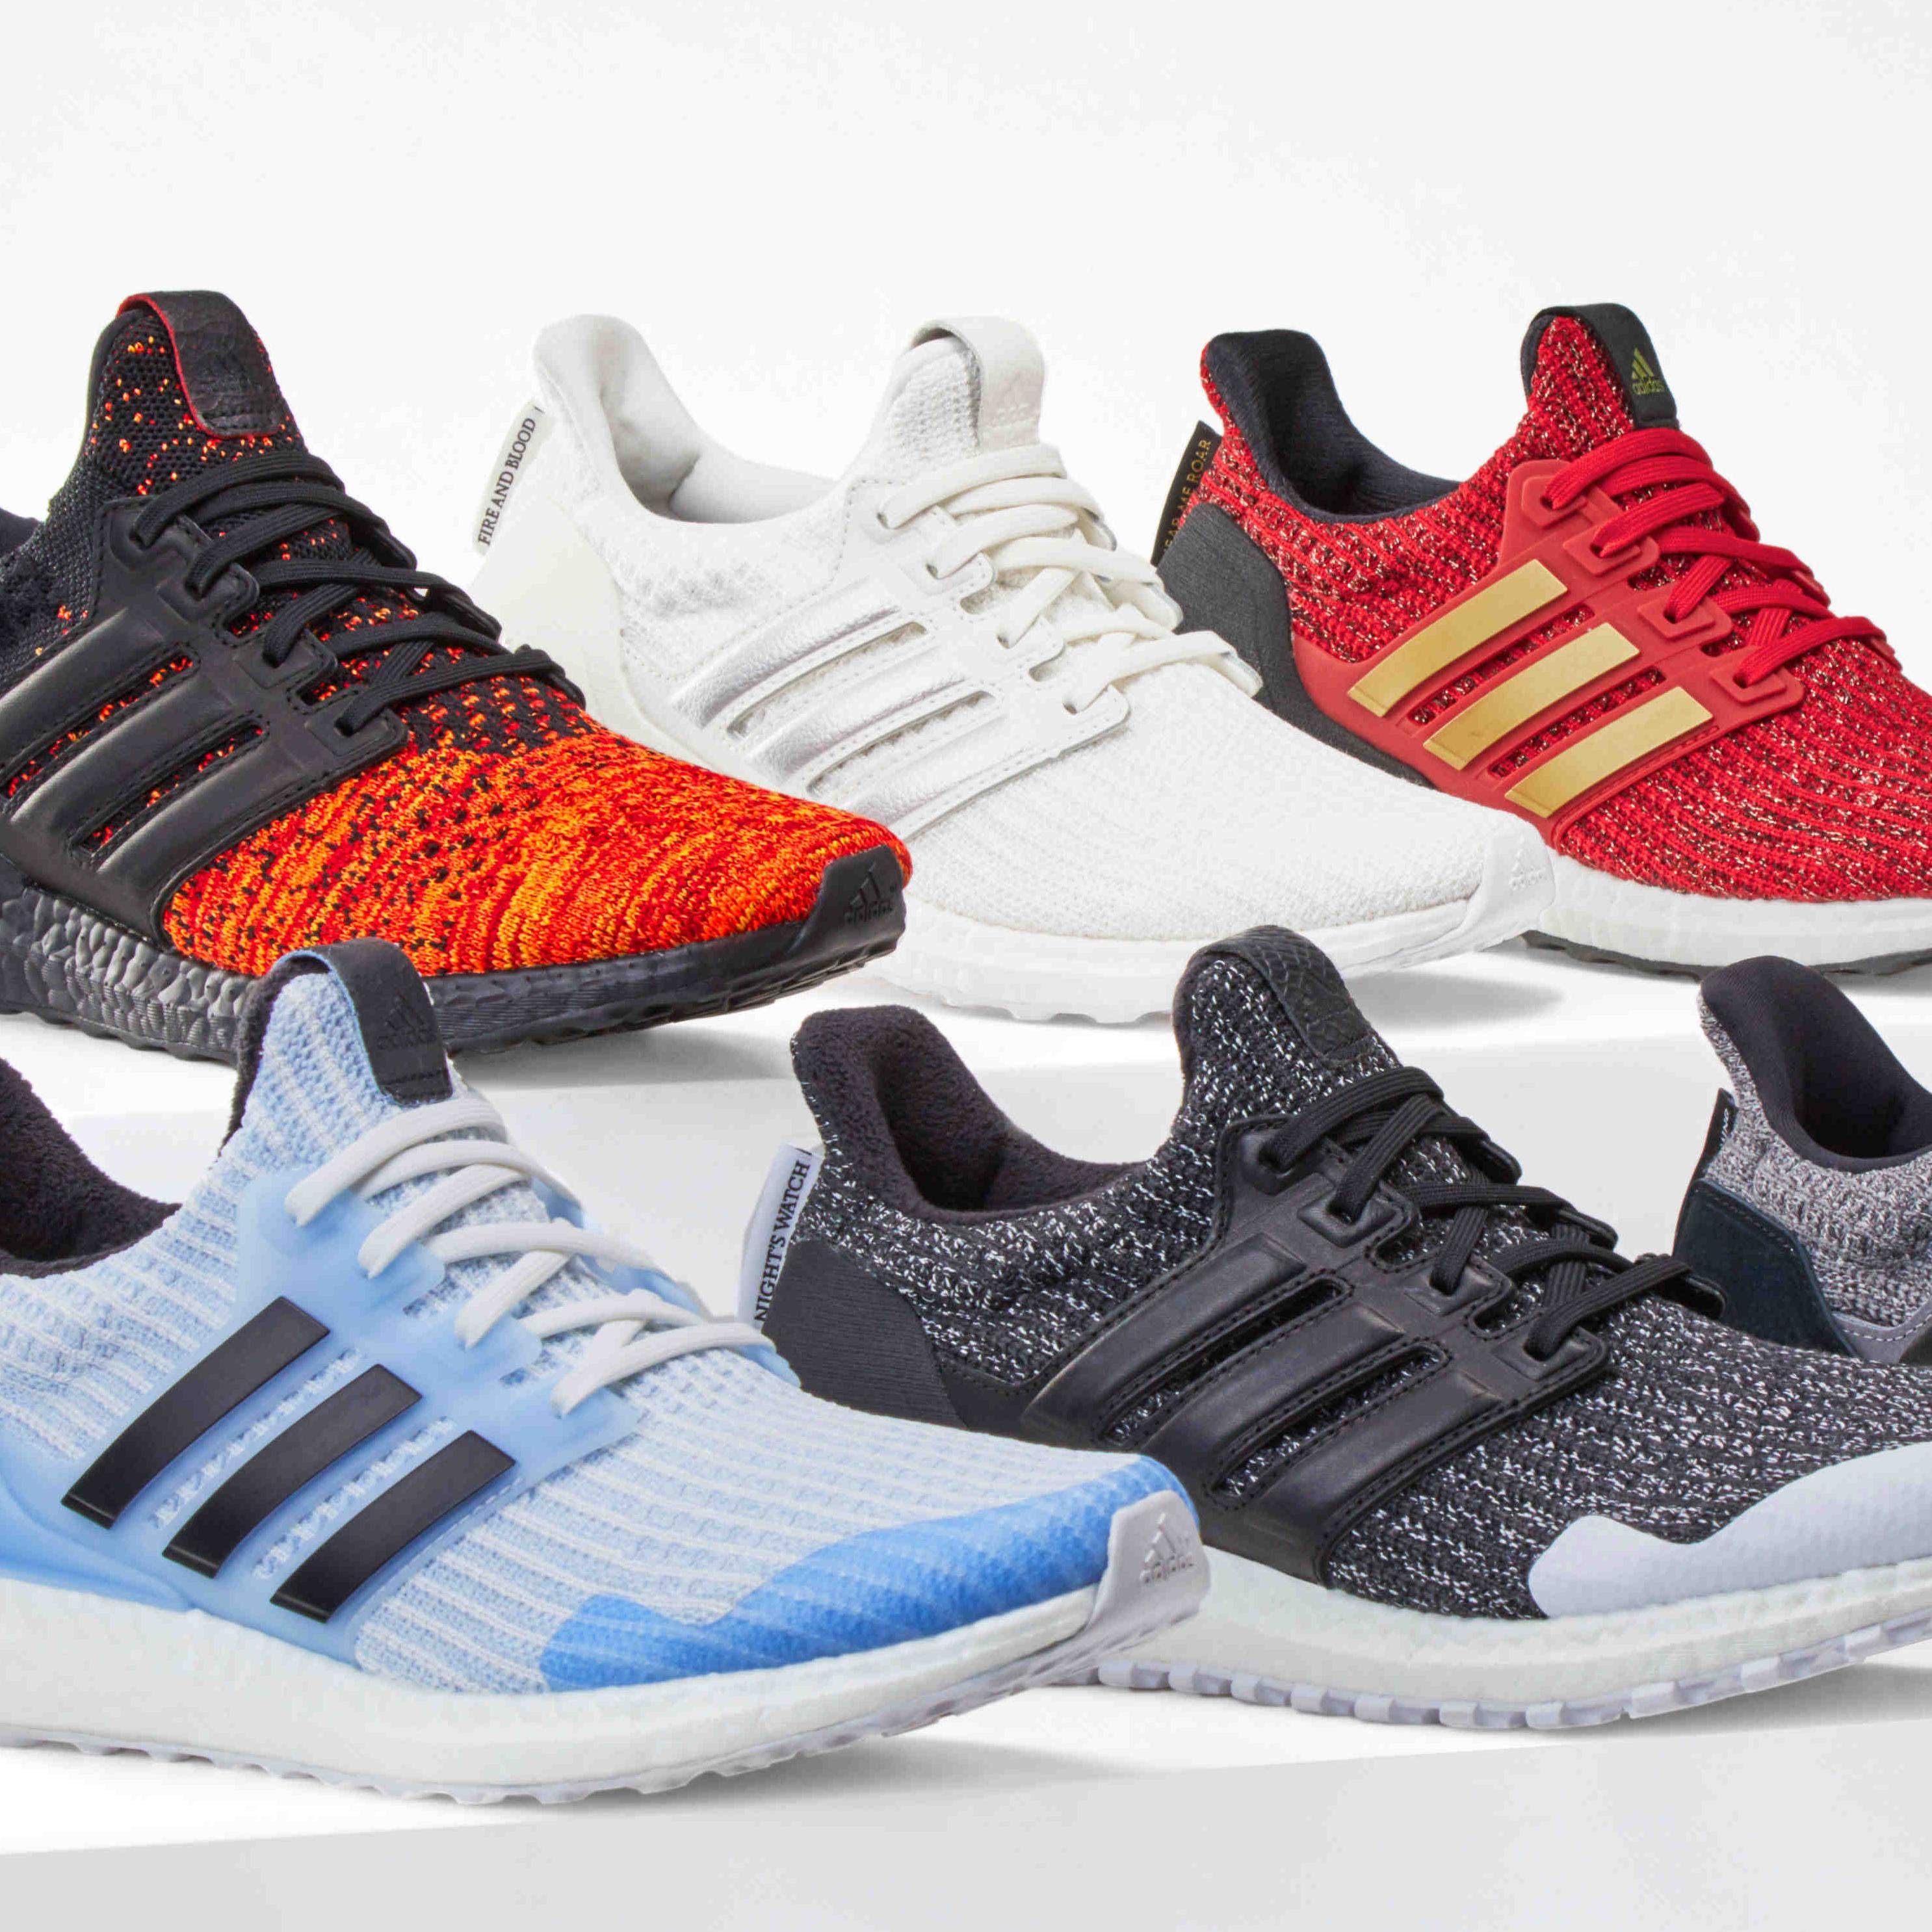 <p>adidas Ultraboost x《冰與火之歌:權力遊戲》限量聯名鞋款</p>